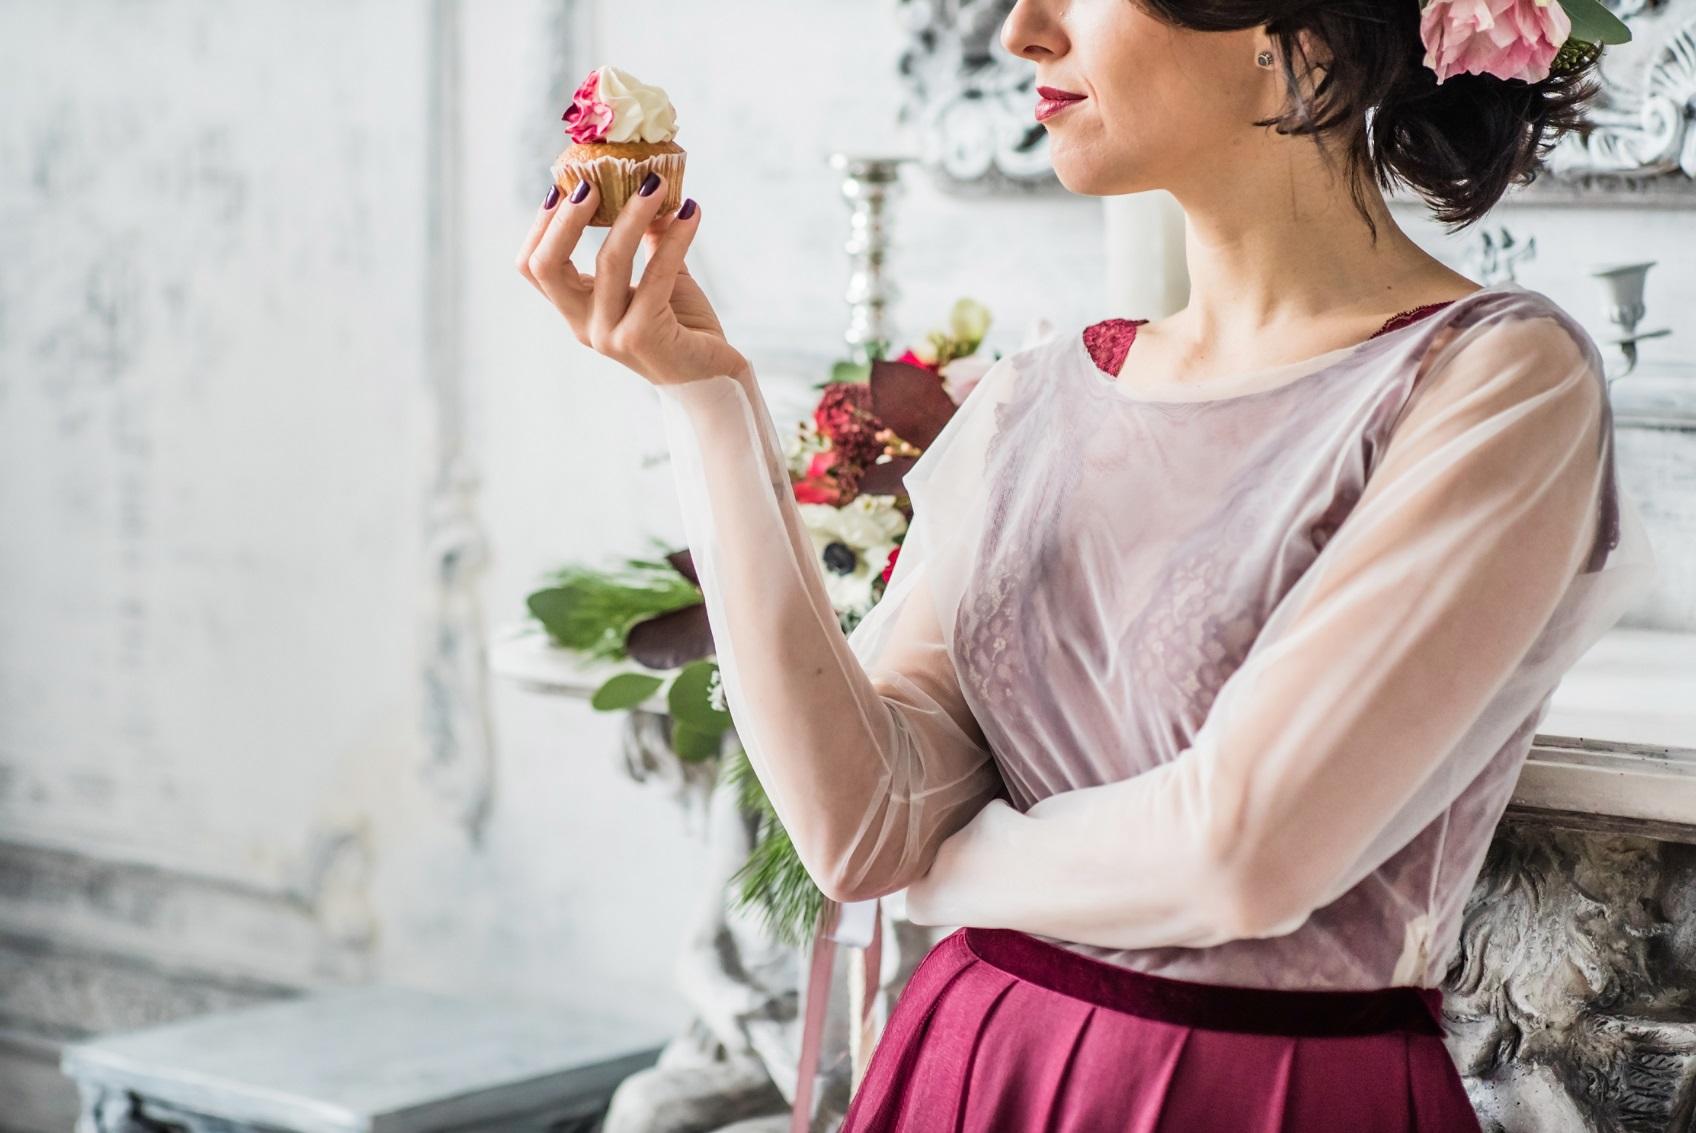 9292fe9919a0b 新郎新婦の身内は、ゲストに比べて注目を浴びやすいです。そのため、ゲストと同じ感覚で派手なものや華やか過ぎる服装を選んではいけません。派手なものを選ぶと結婚  ...